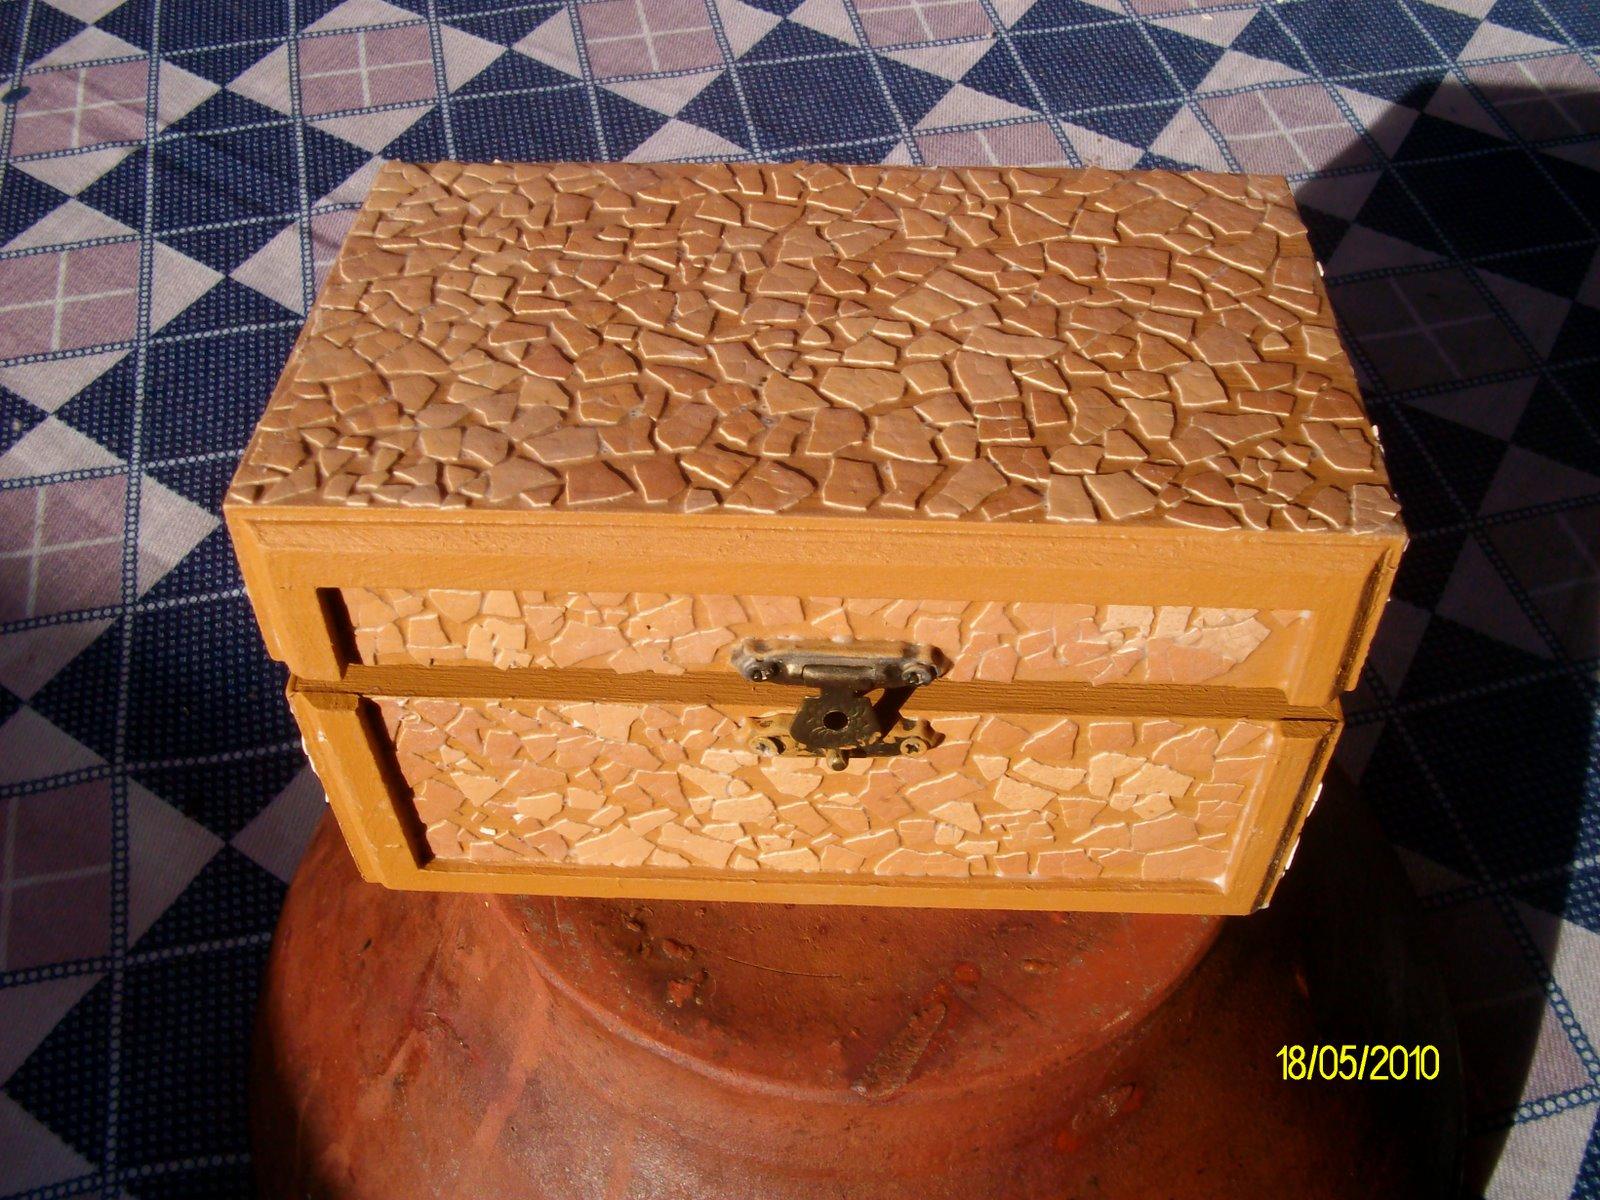 El ba l de silvia cajas forradas con cascara de huevo - Caja de huevo ...